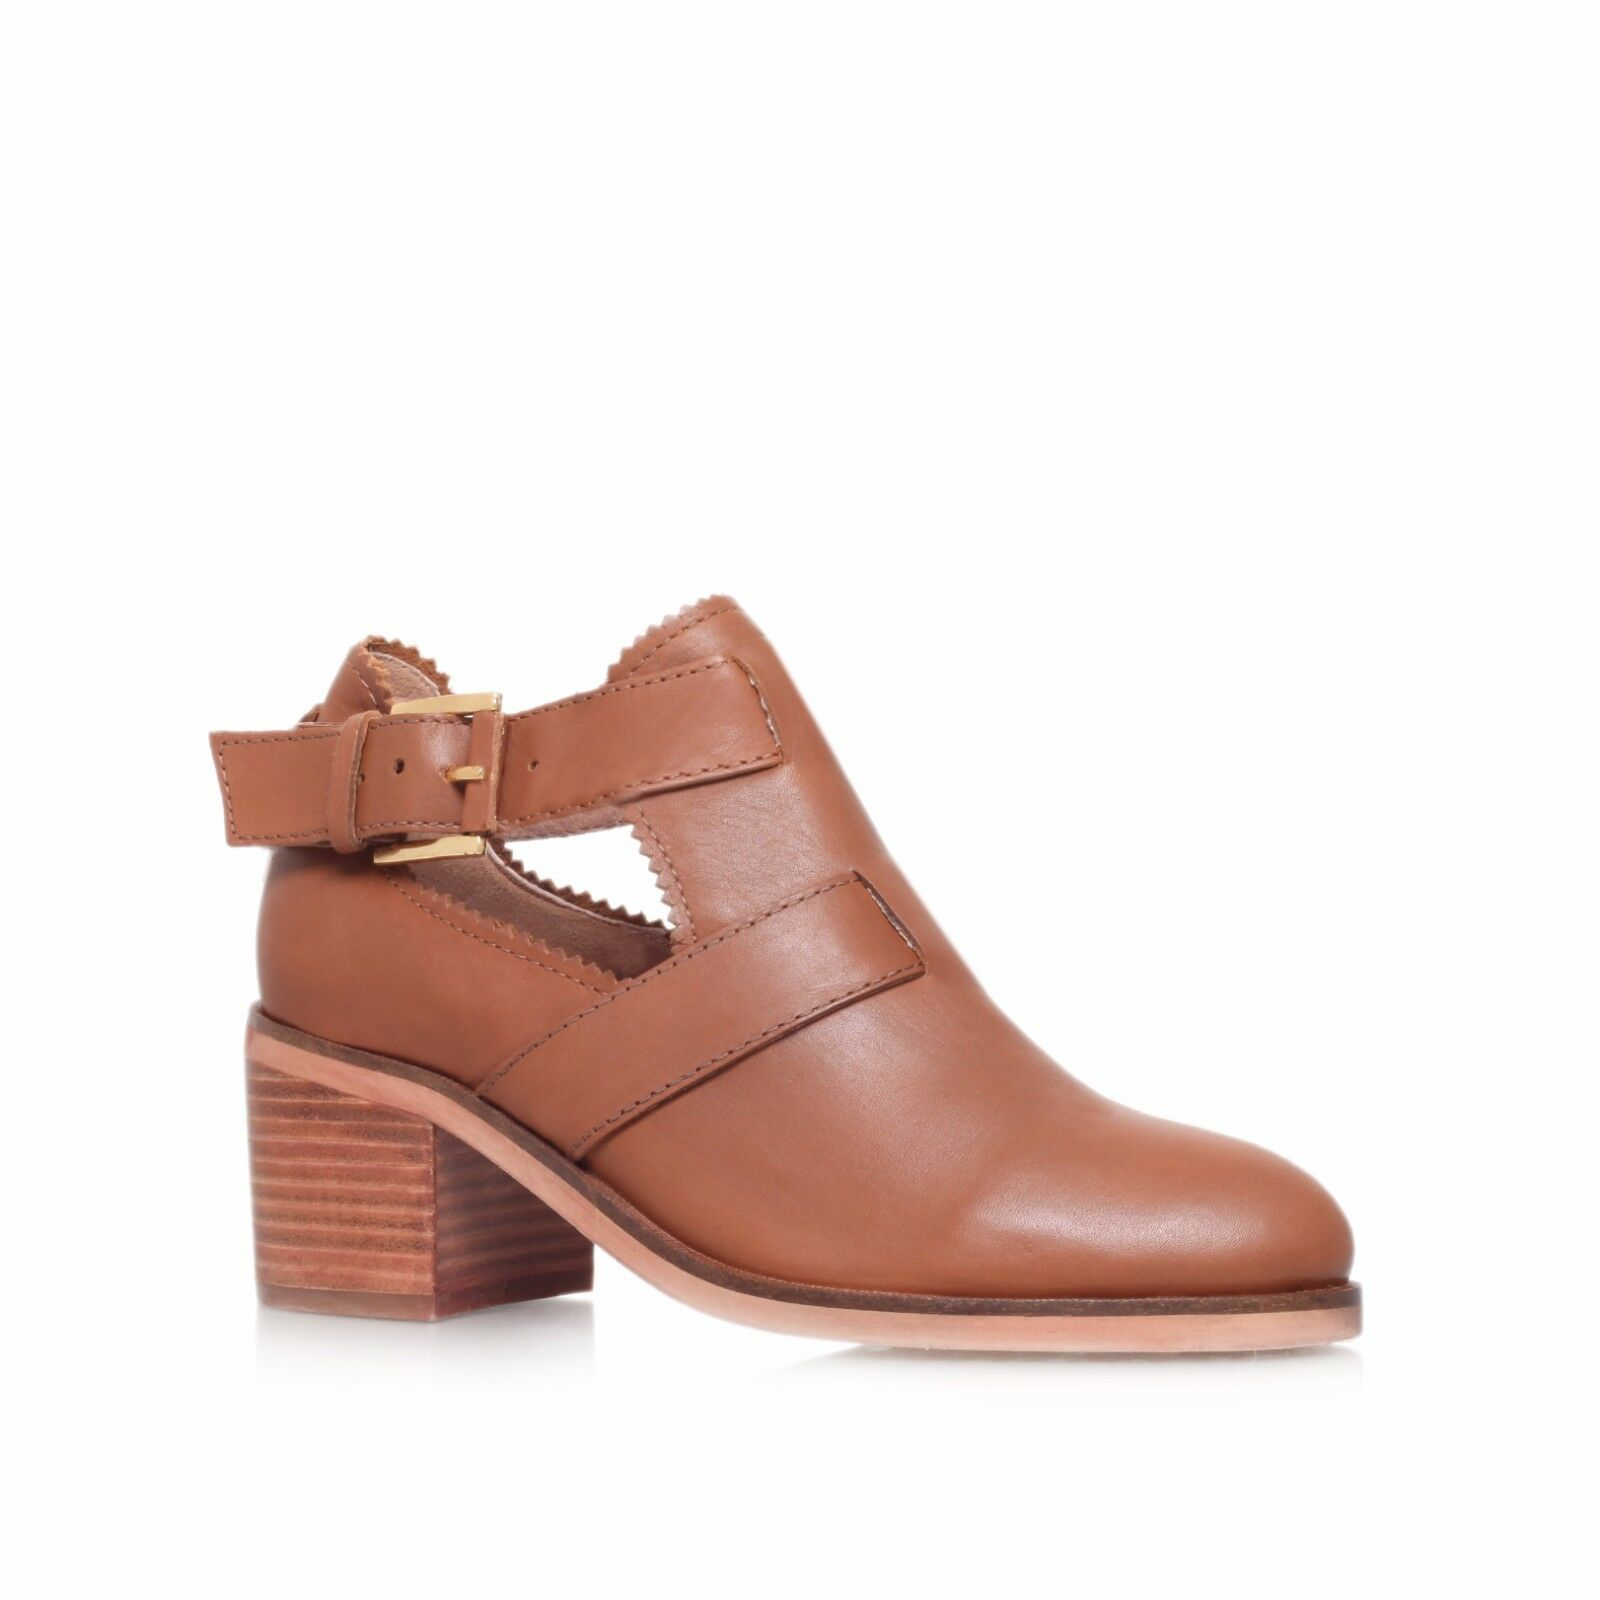 Carvela Serena Tan Leder Ankle Stiefel UK 3 EU 36 JS44 22